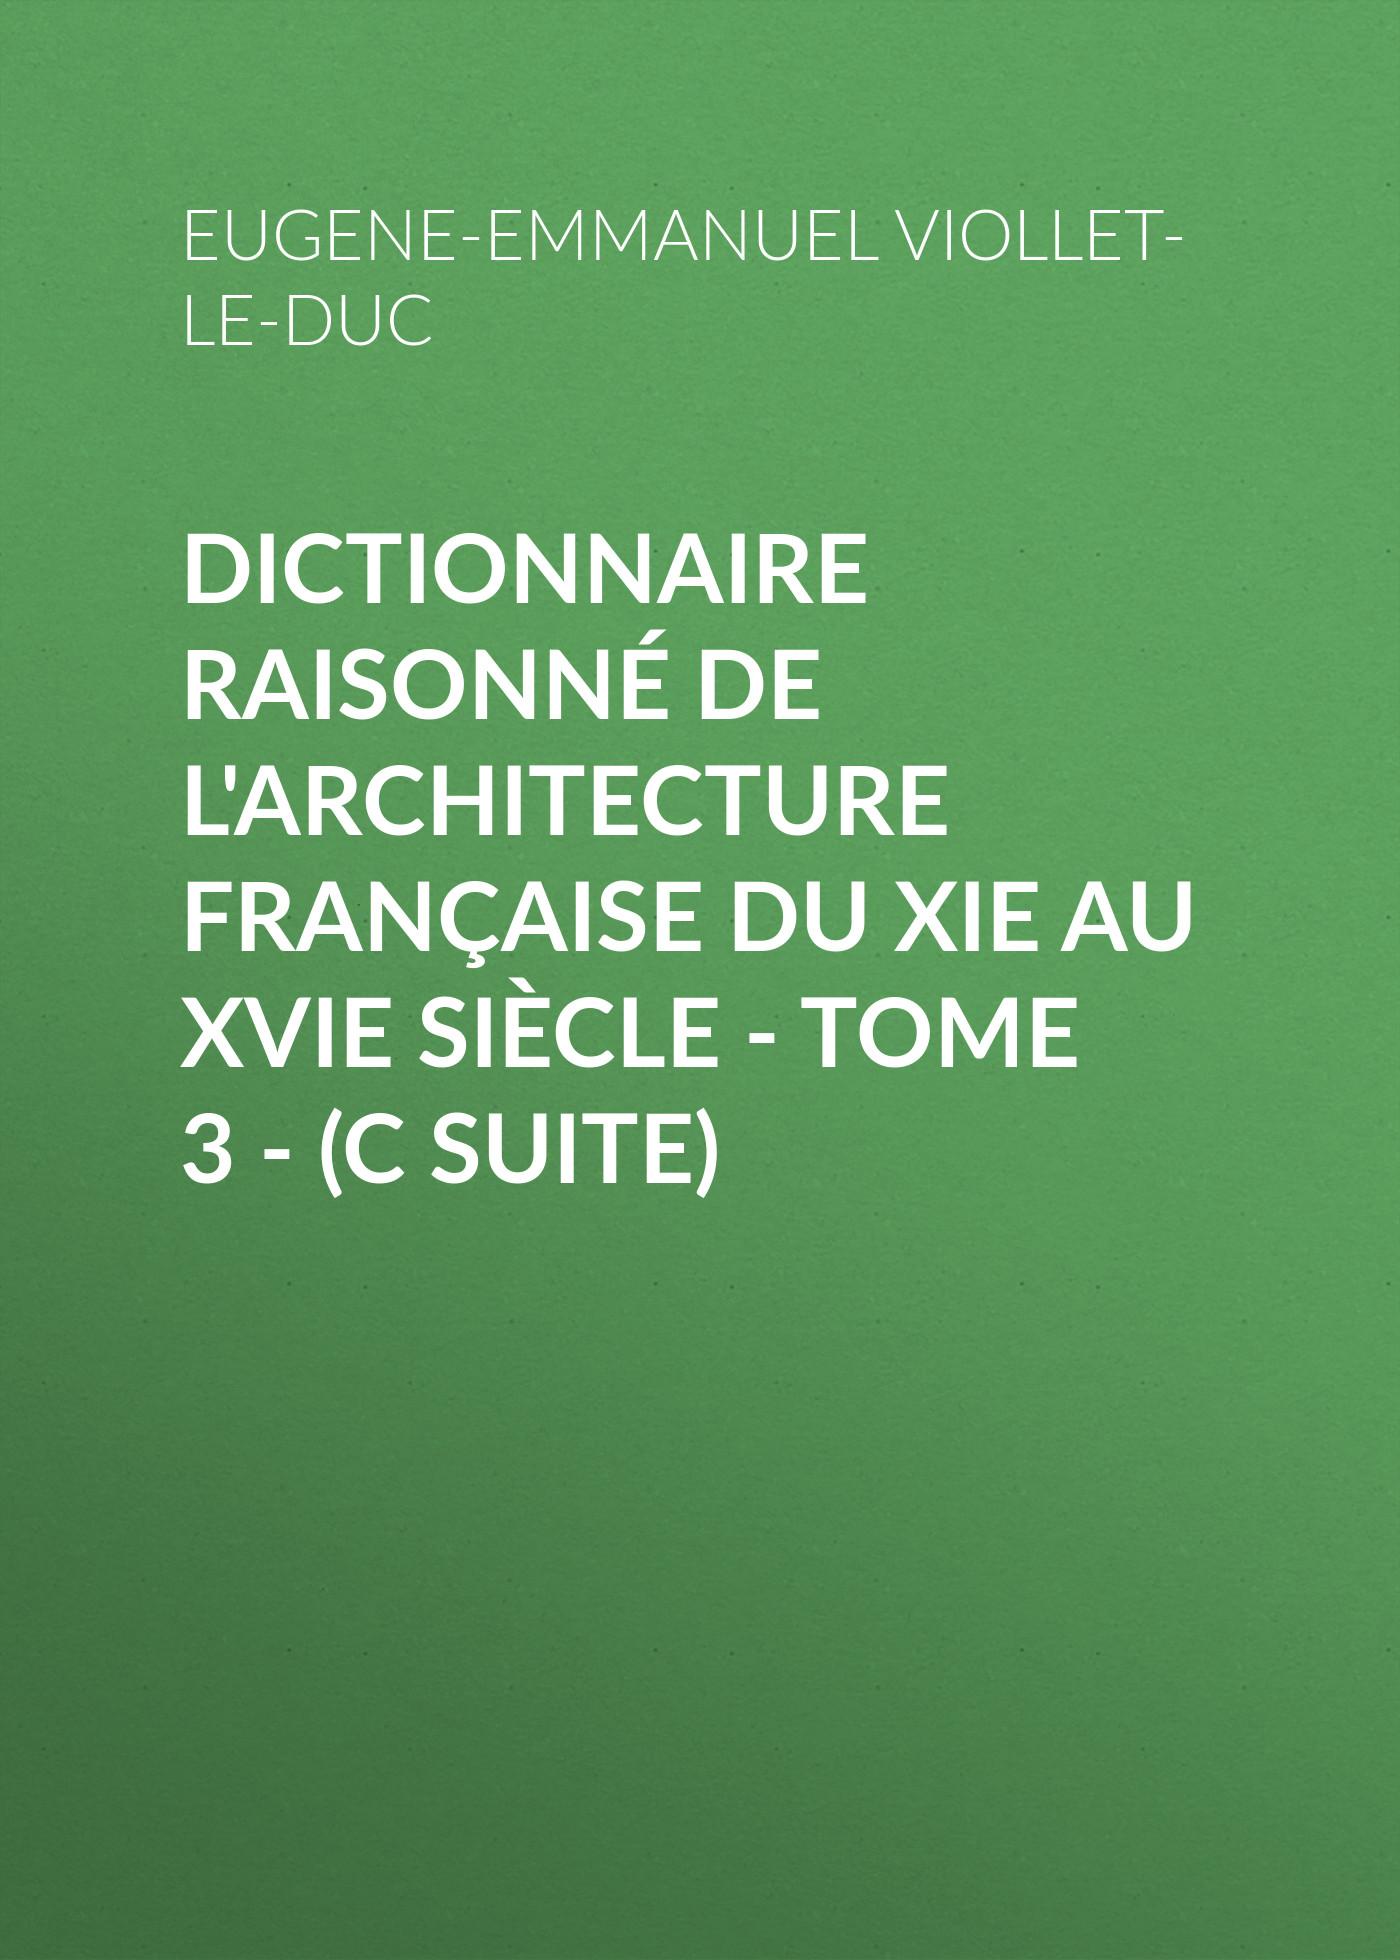 Eugene-Emmanuel Viollet-le-Duc Dictionnaire raisonné de l'architecture française du XIe au XVIe siècle - Tome 3 - (C suite)